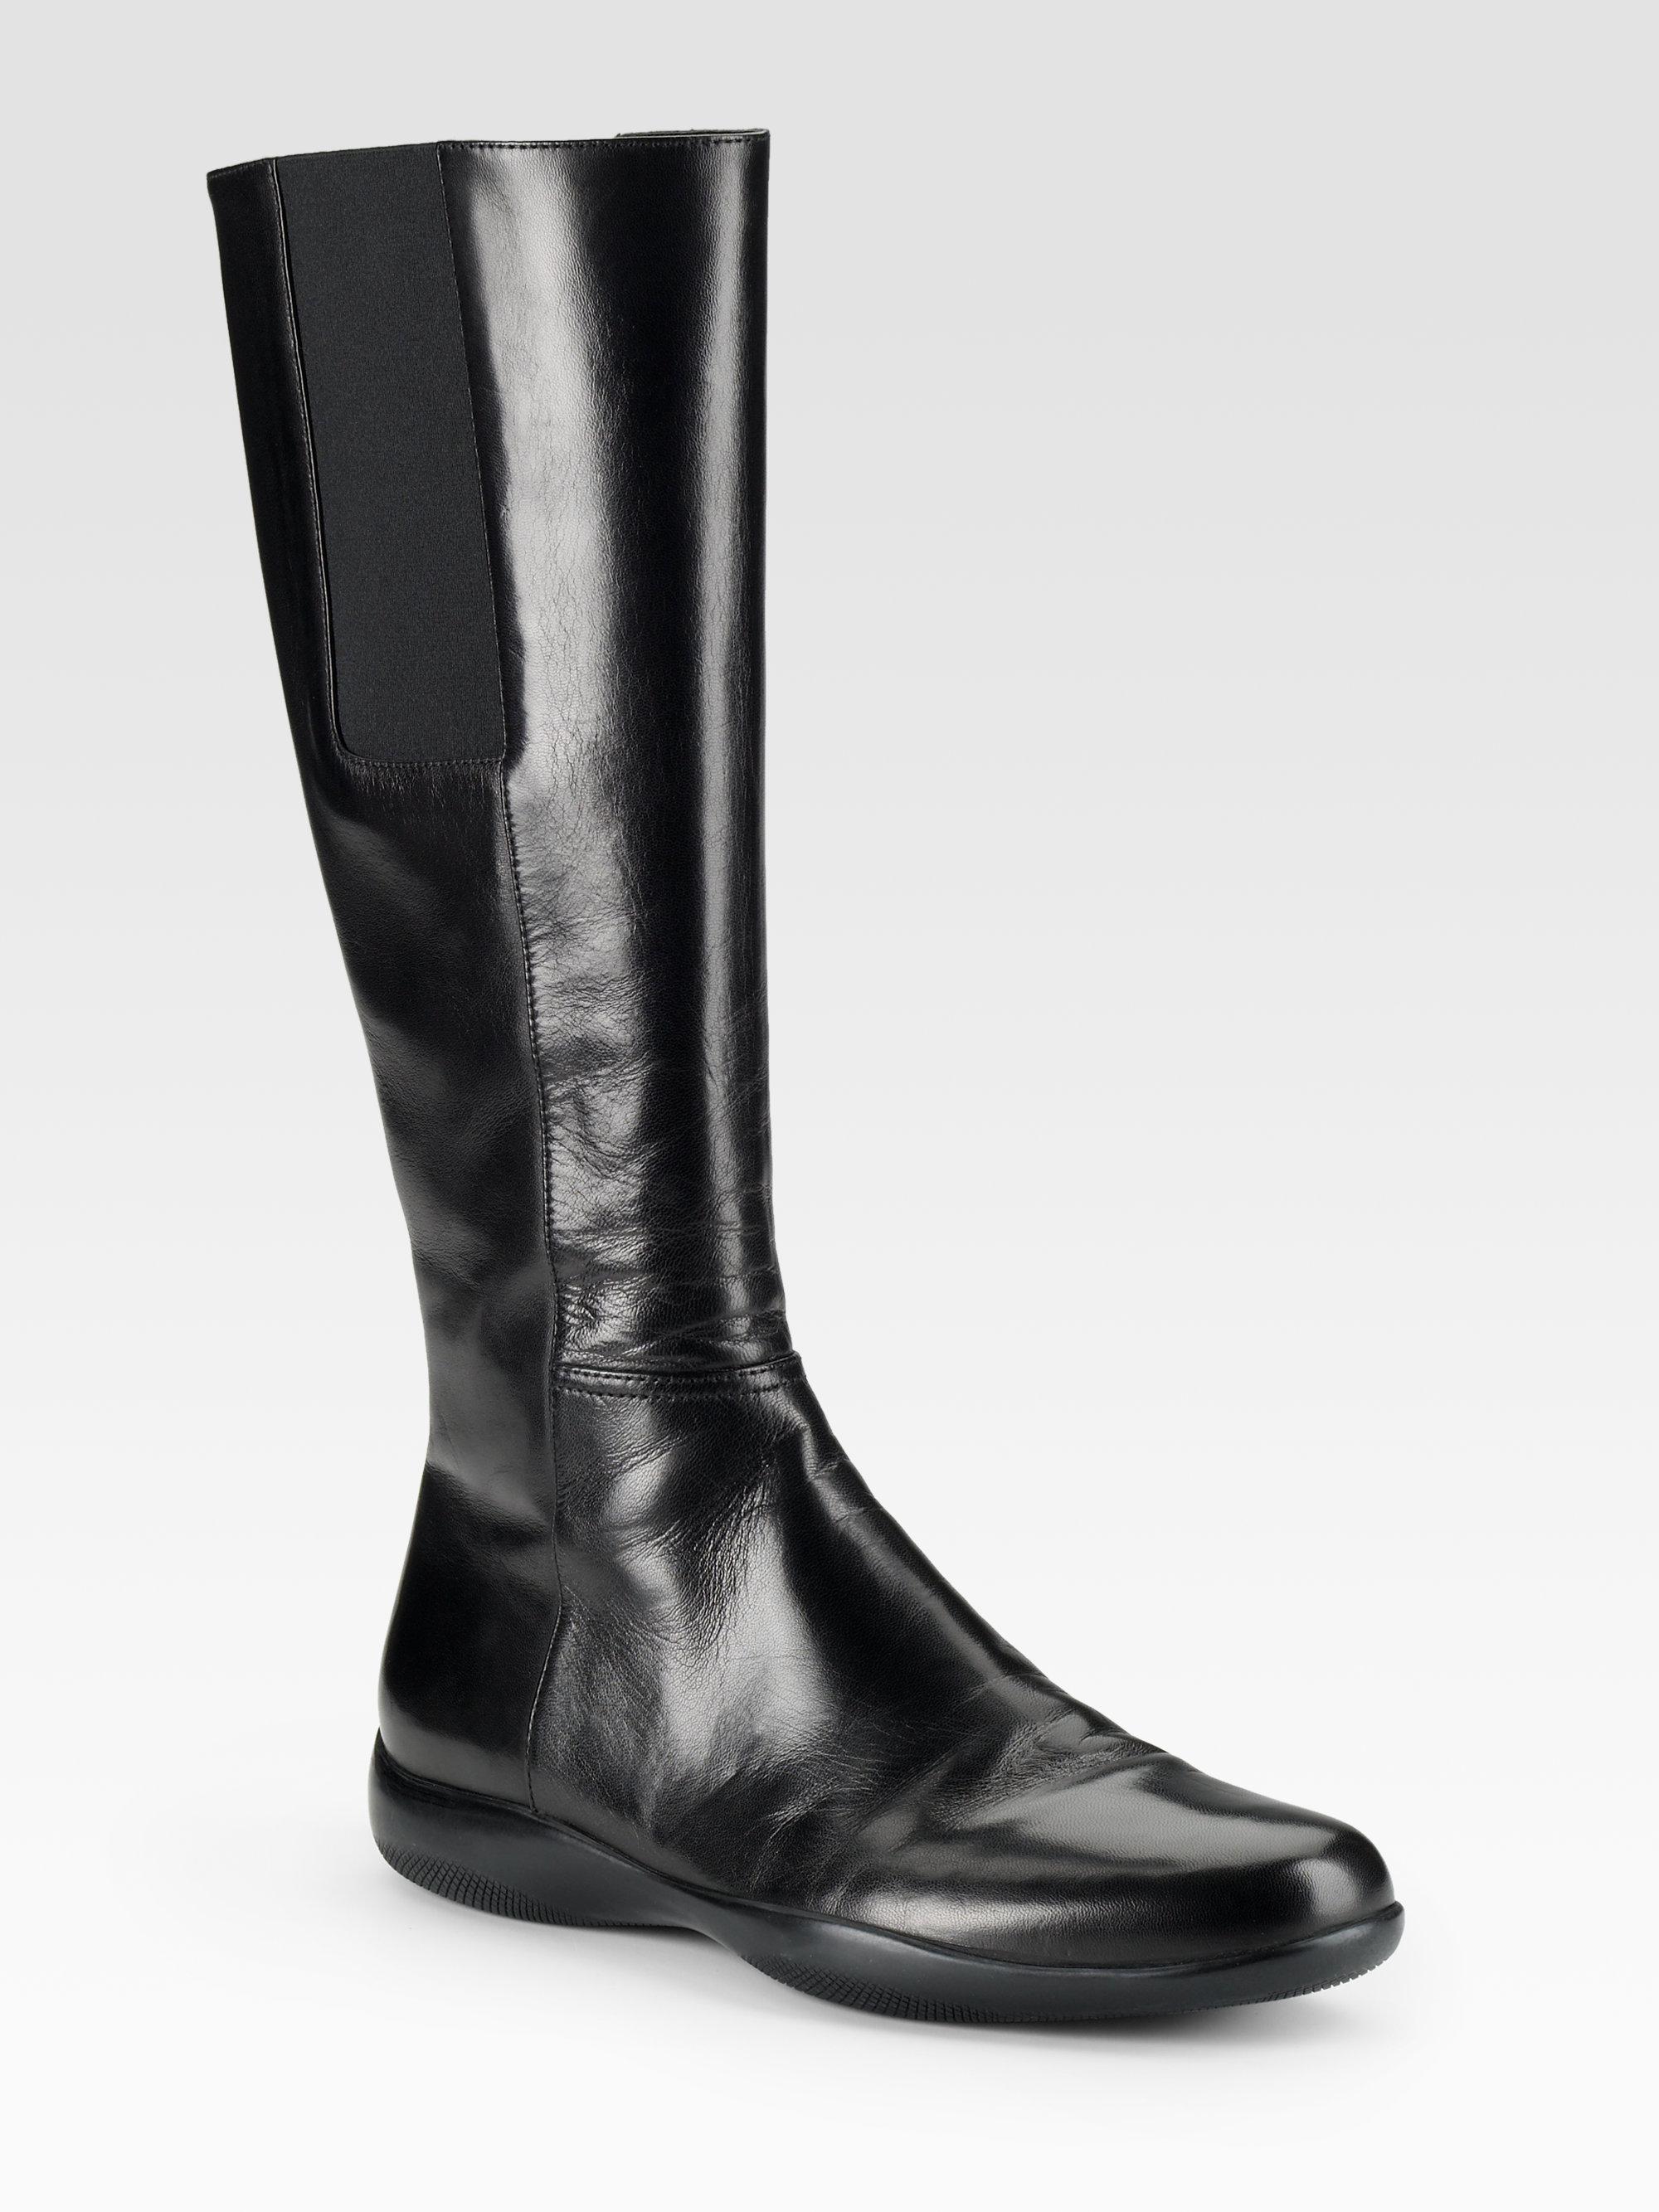 aeb3260f5df Prada Black Tall Flat Boots